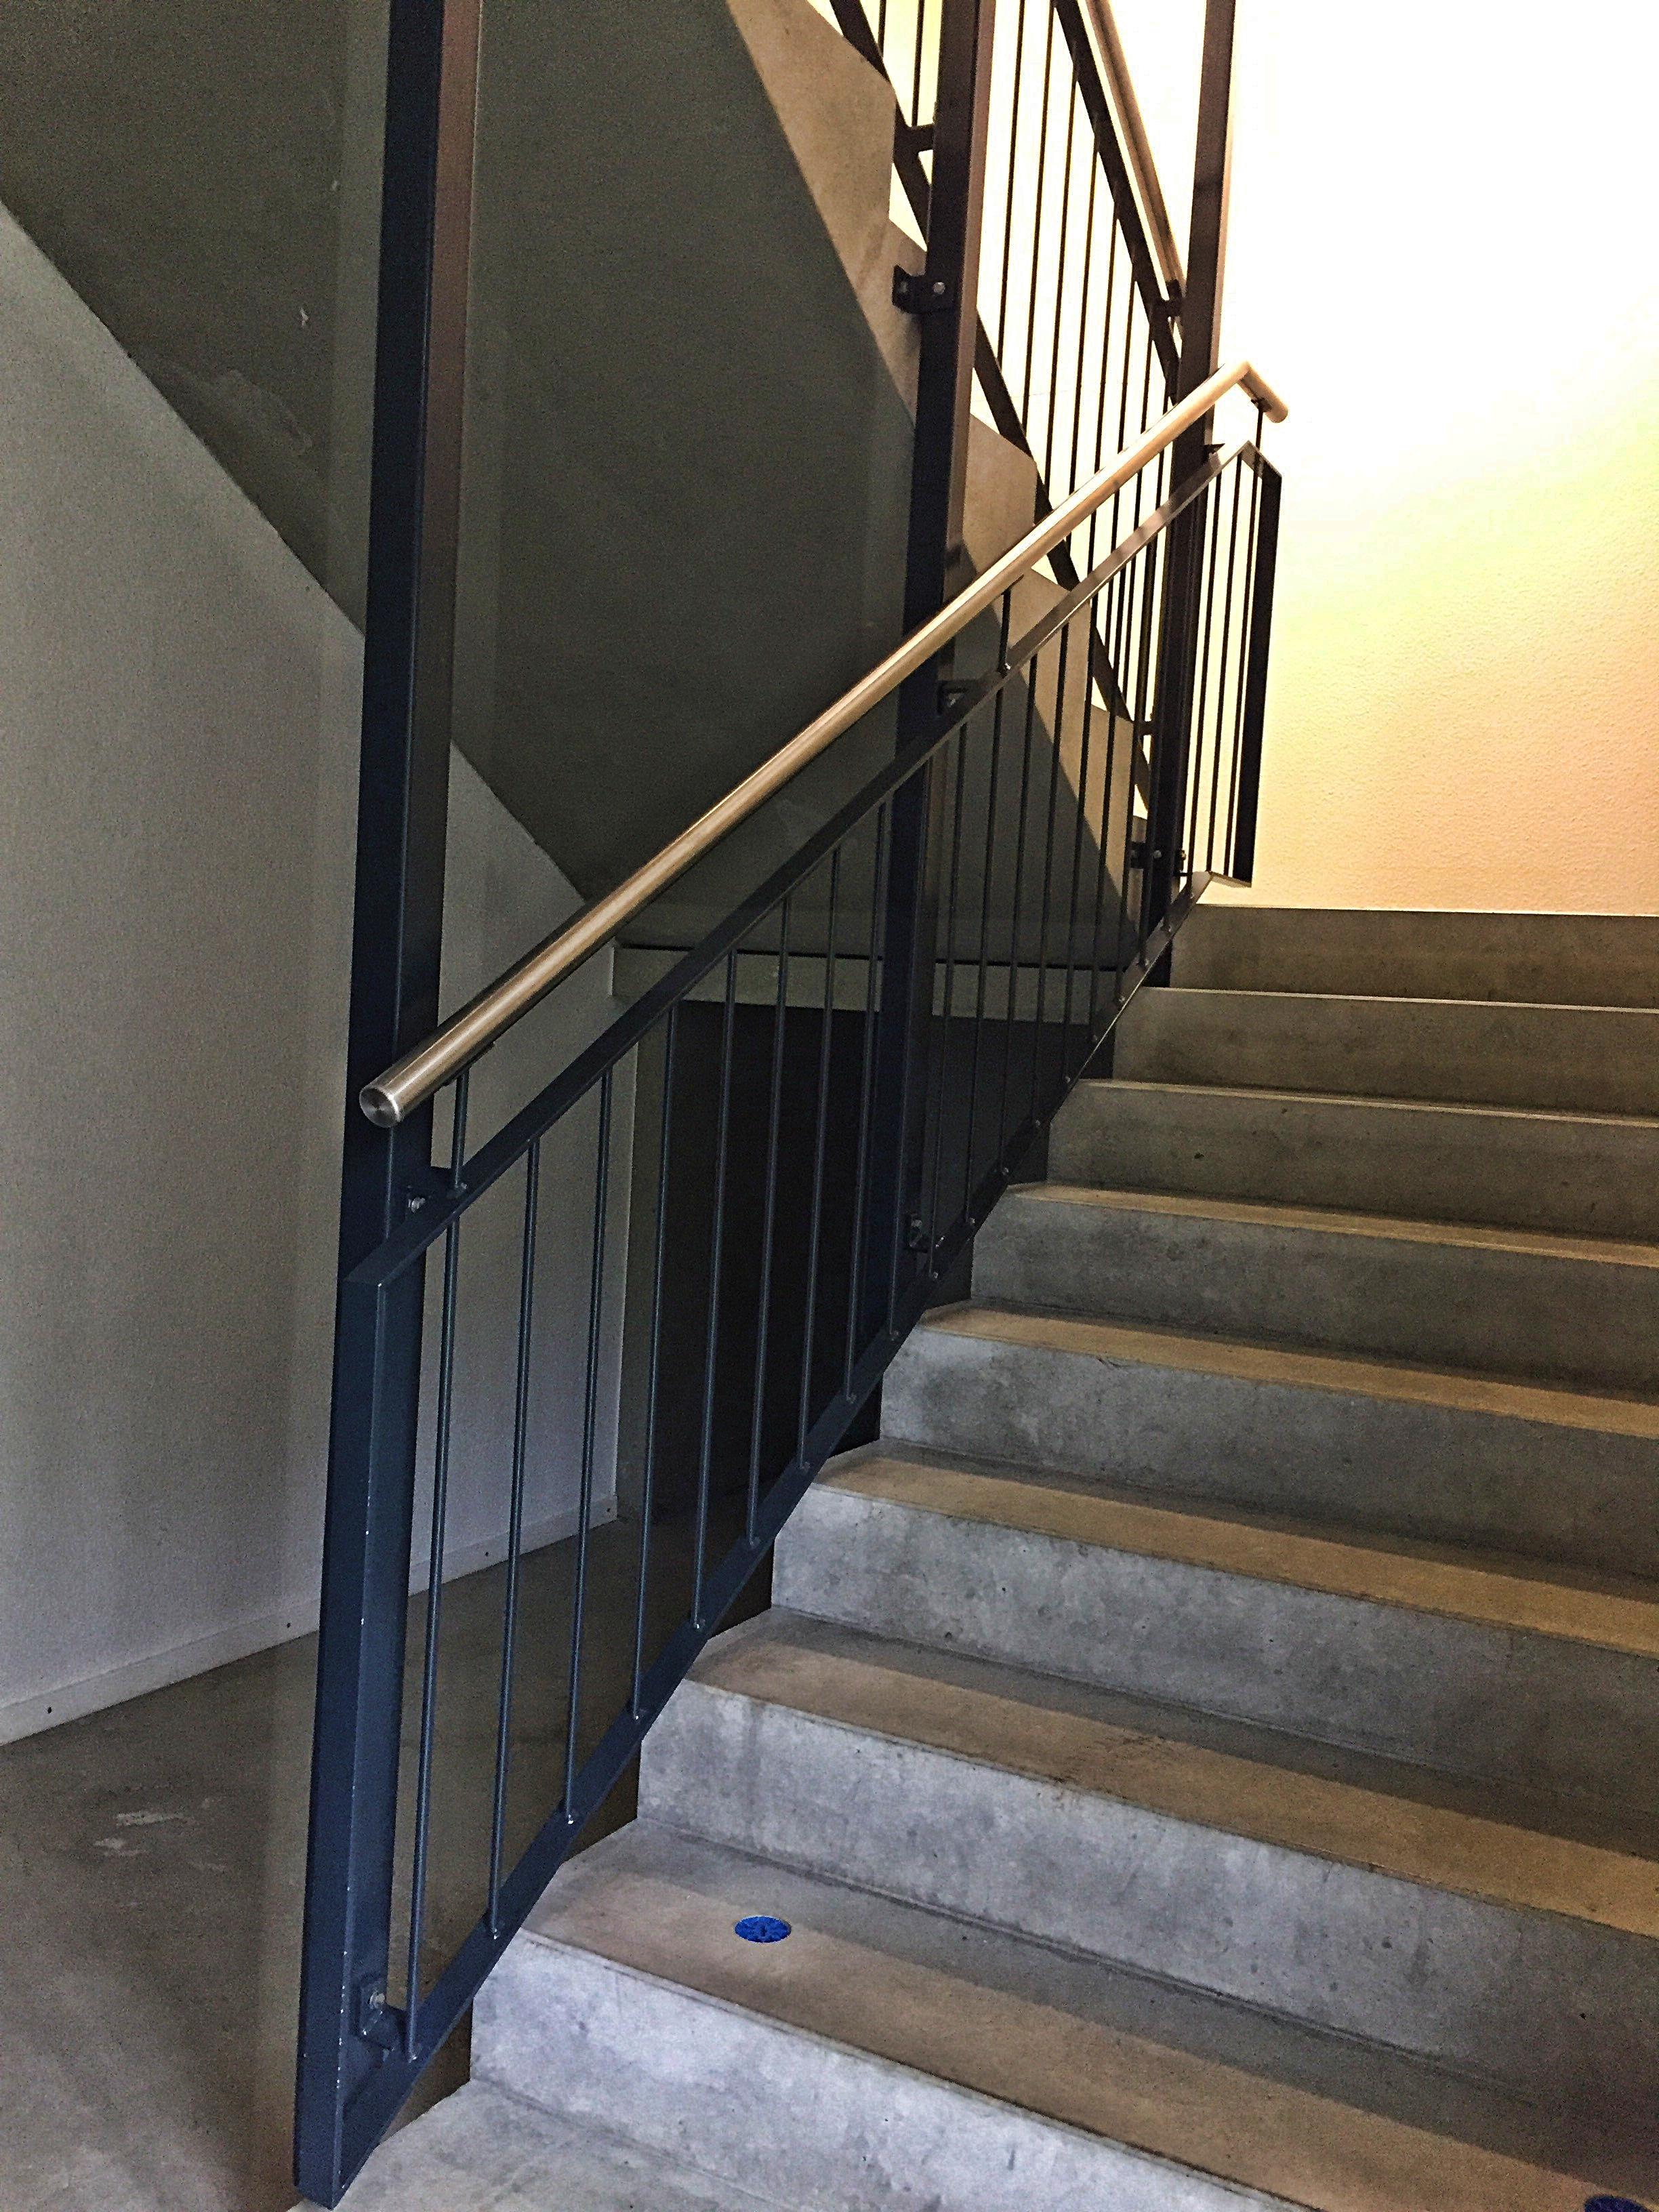 Demontage eines Treppengeländers